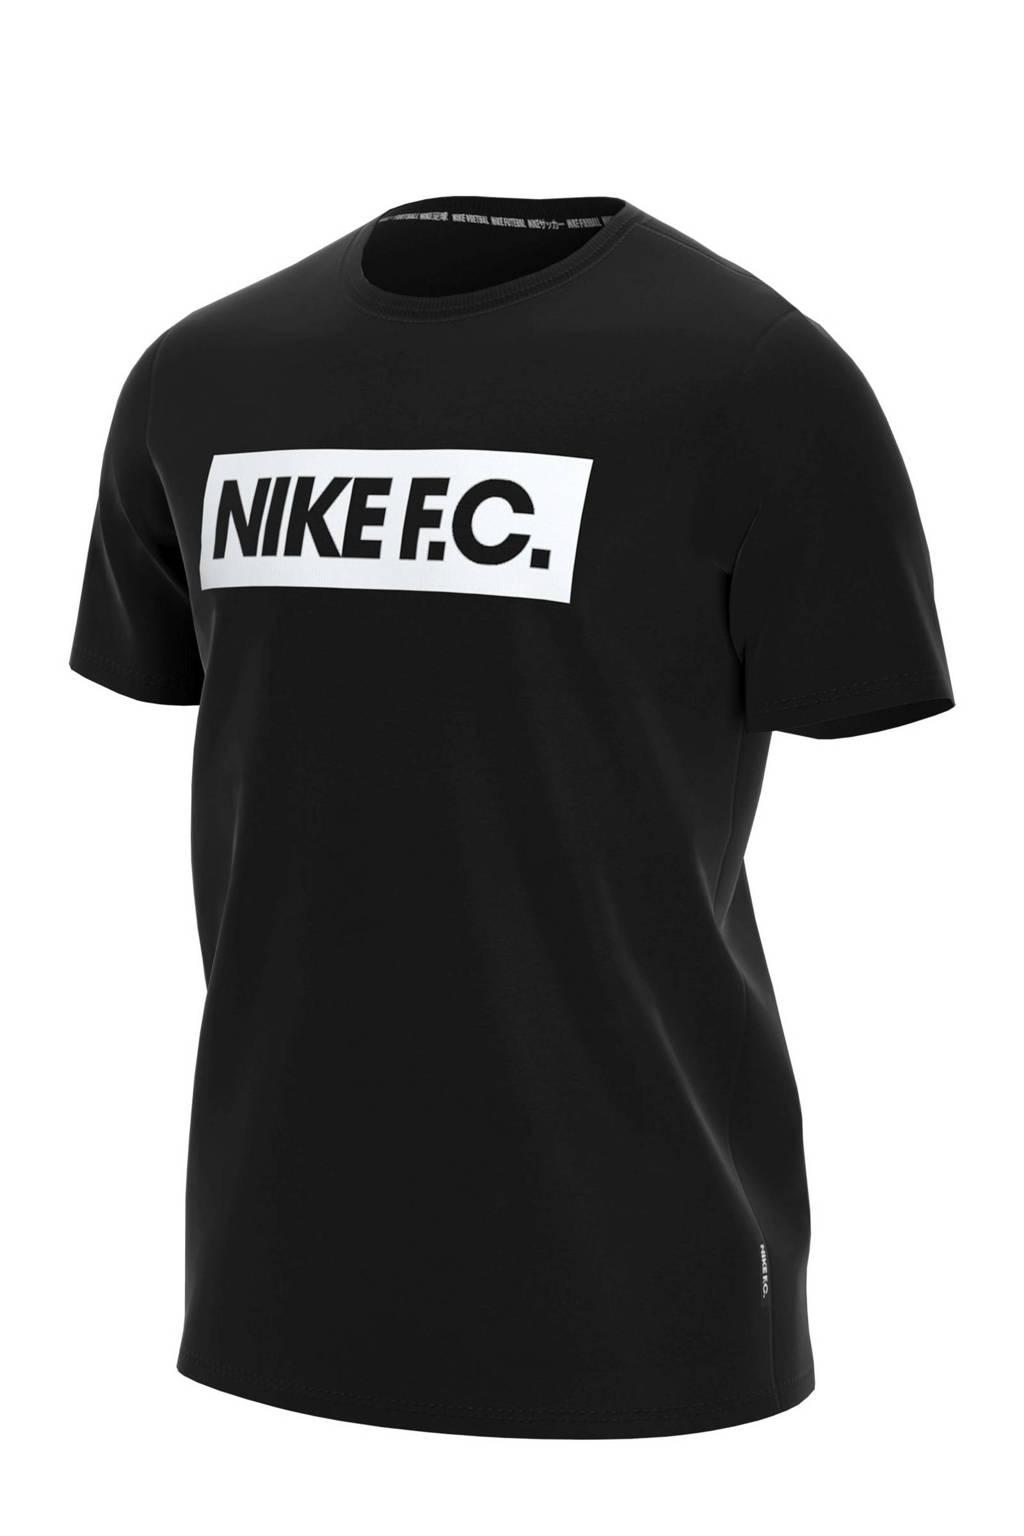 Nike T-shirt zwart/wit, Zwart/wit